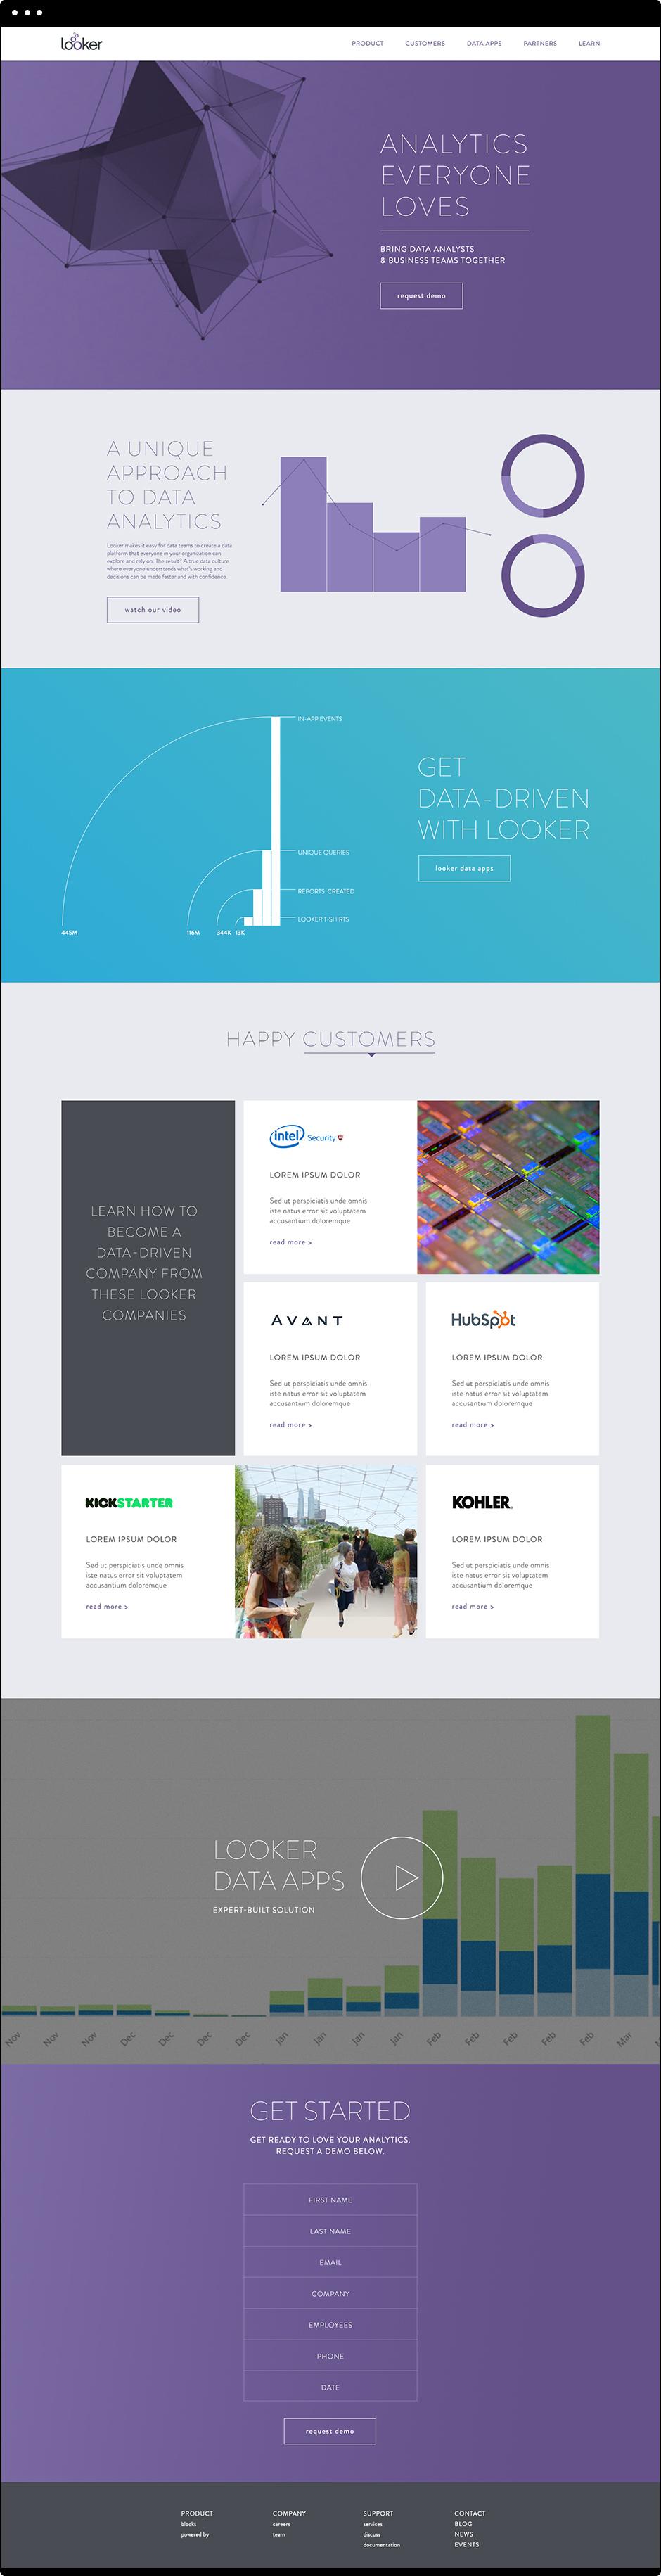 looker-website1